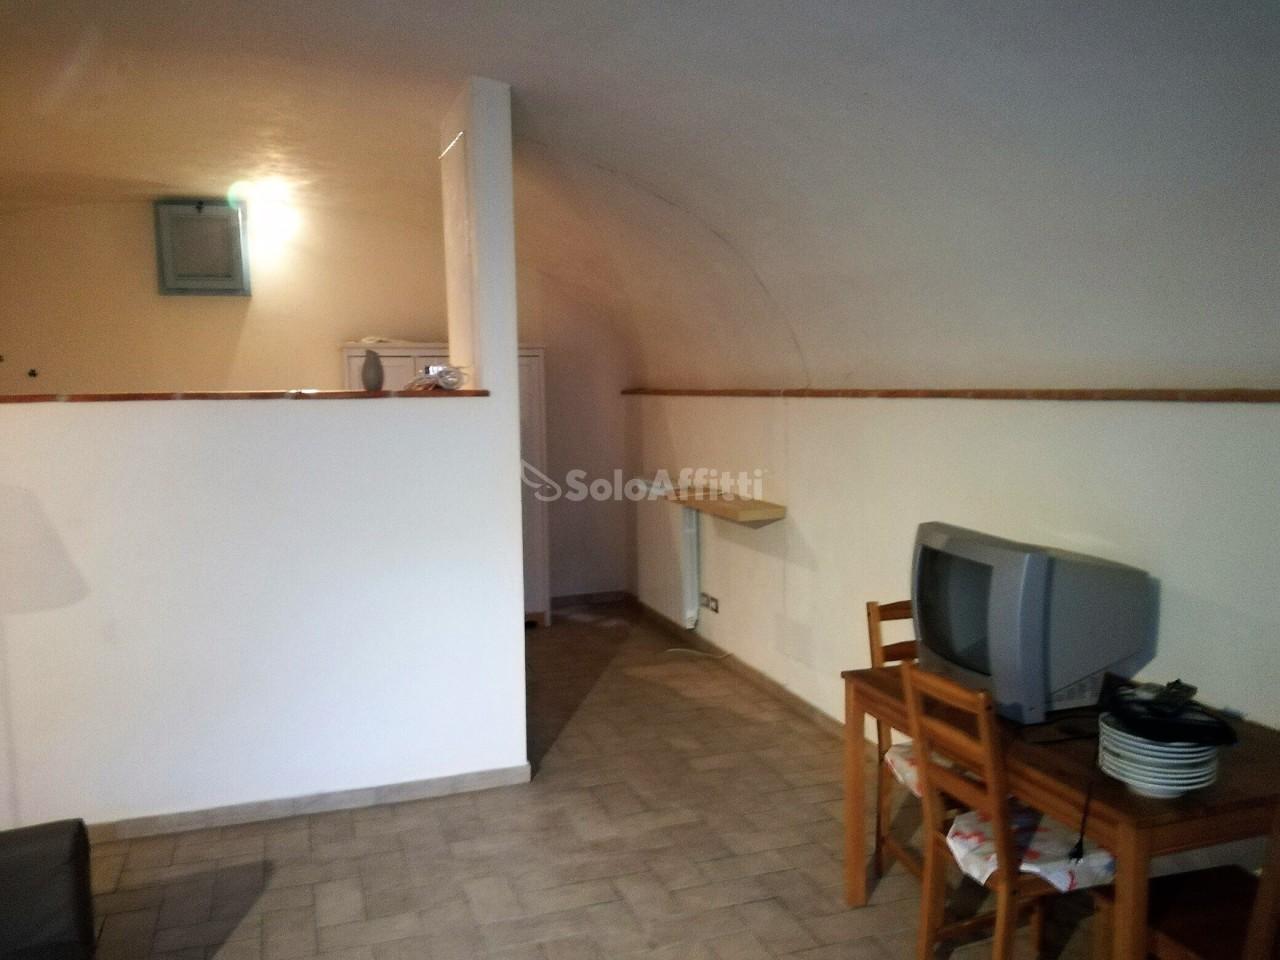 Affitto appartamento Arezzo